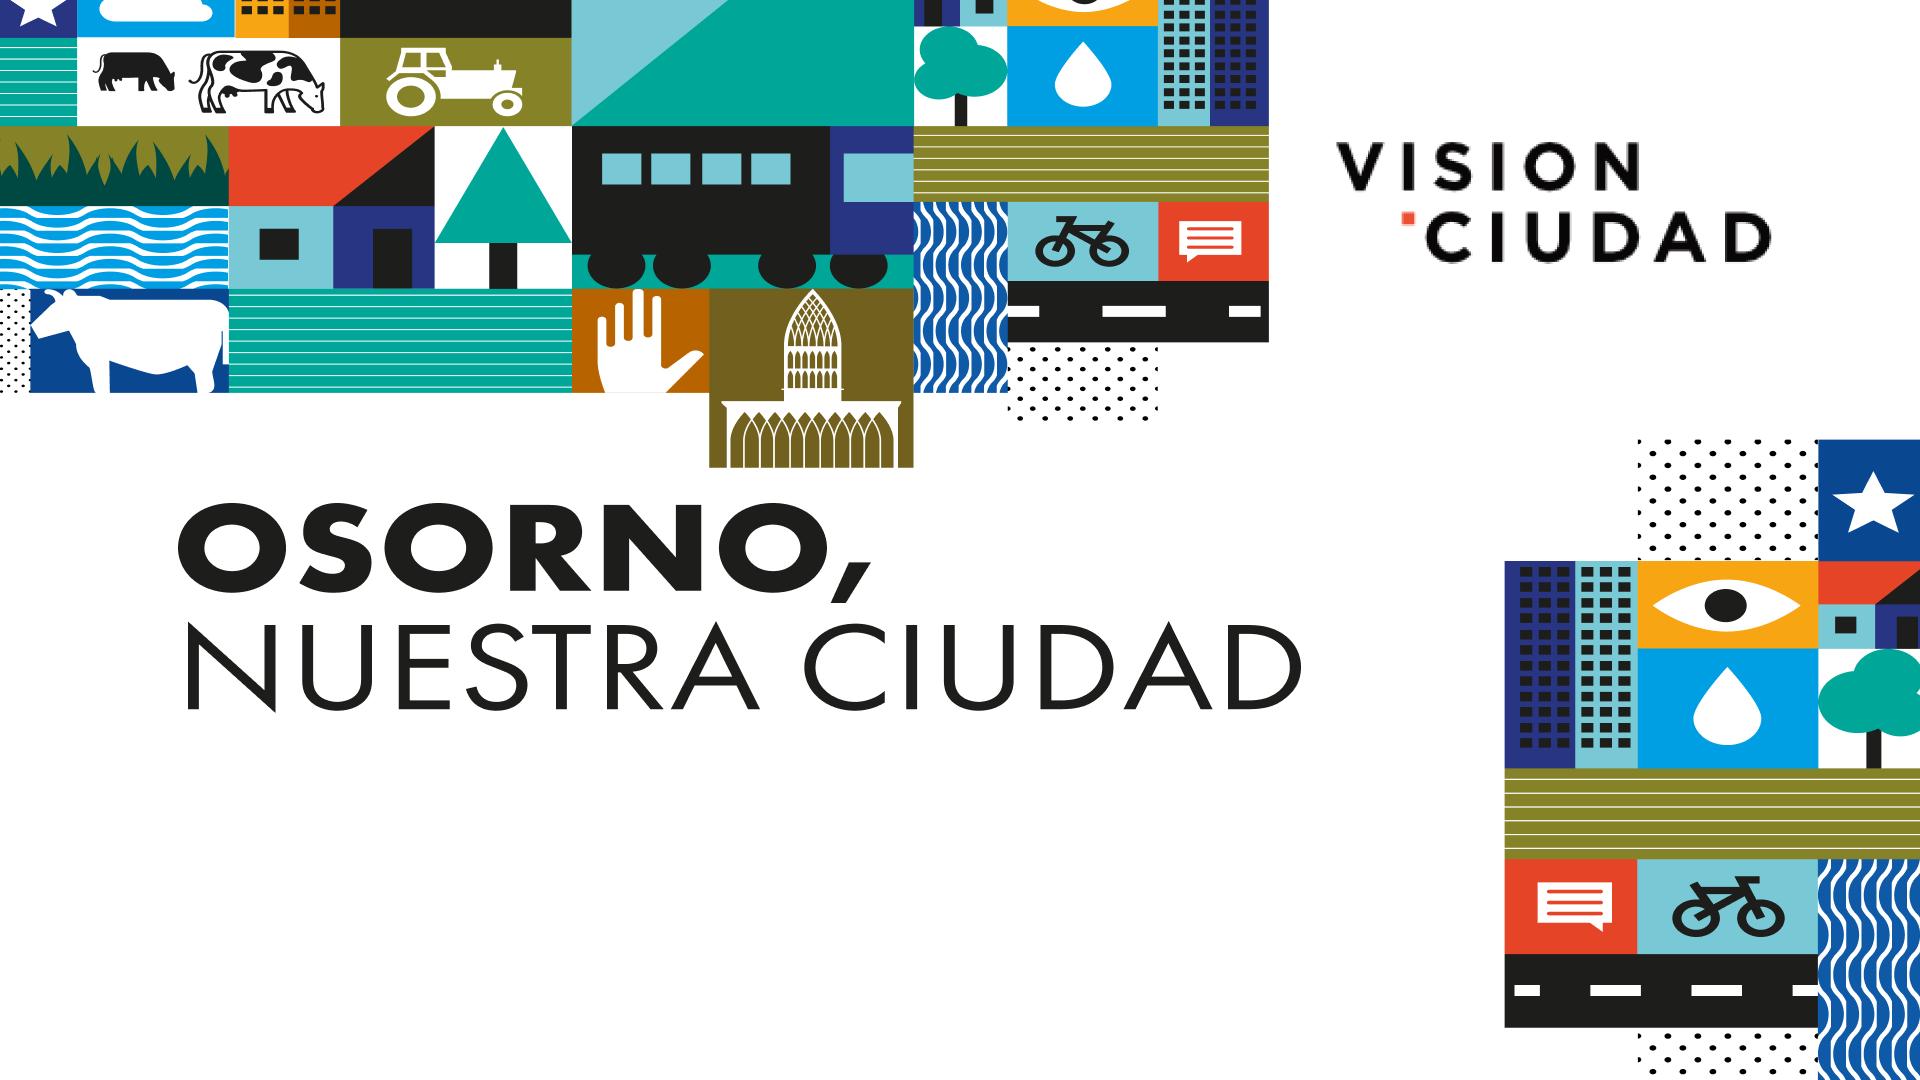 Consejo Urbano invita a los osorninos a un ciclo de webinars sobre el futuro de la ciudad noticias